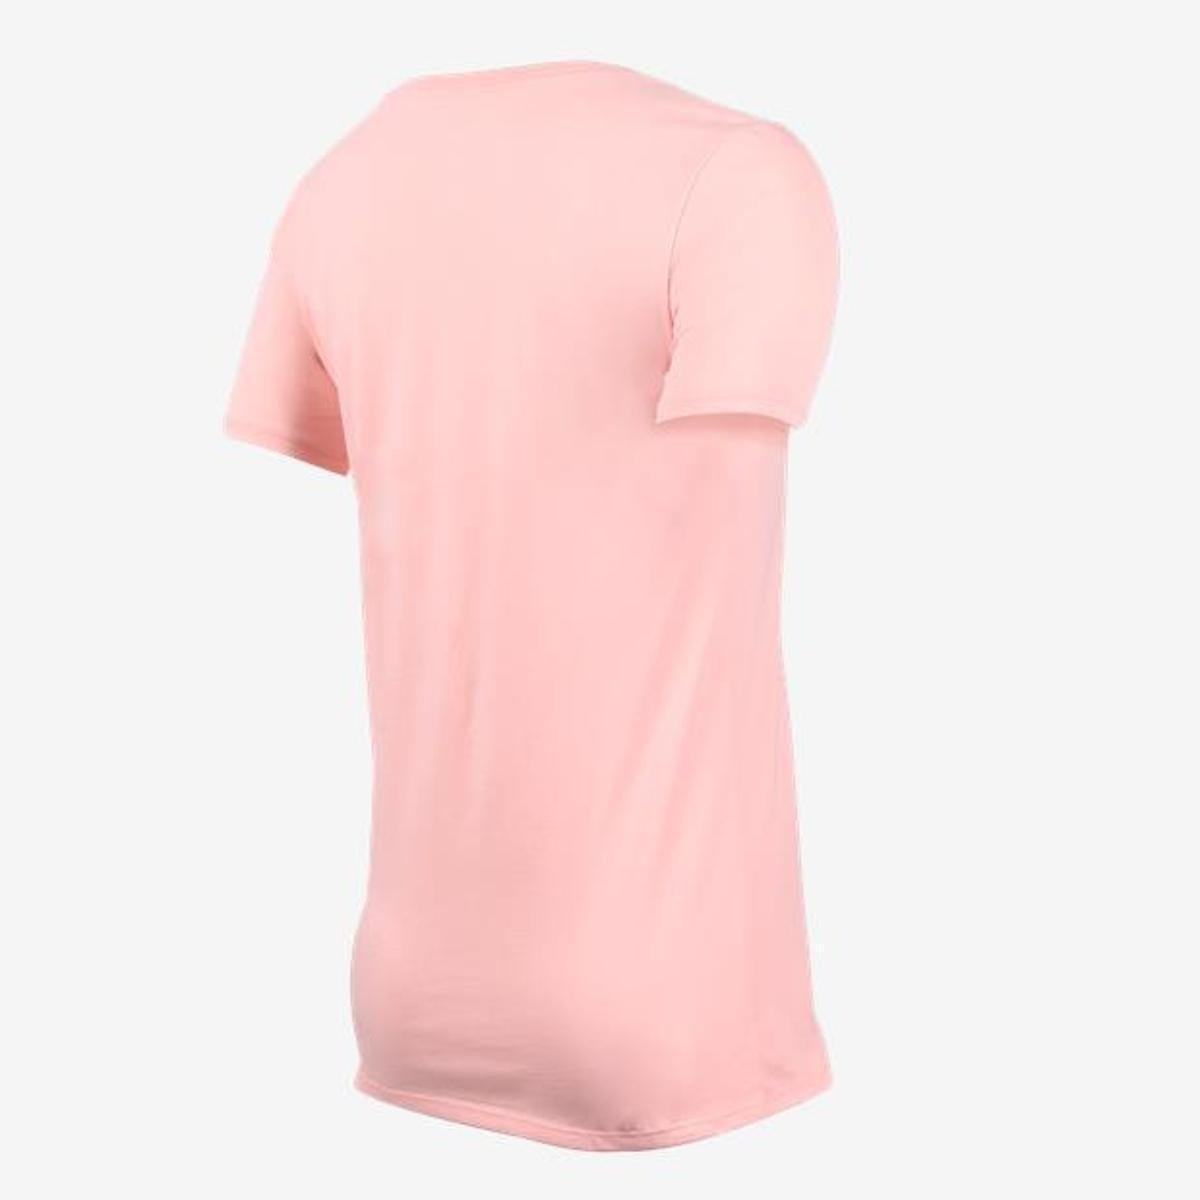 Camiseta Camiseta Scoop Art Rosa Nike Apla Scoop Nike Feminina 1SFT7xpq